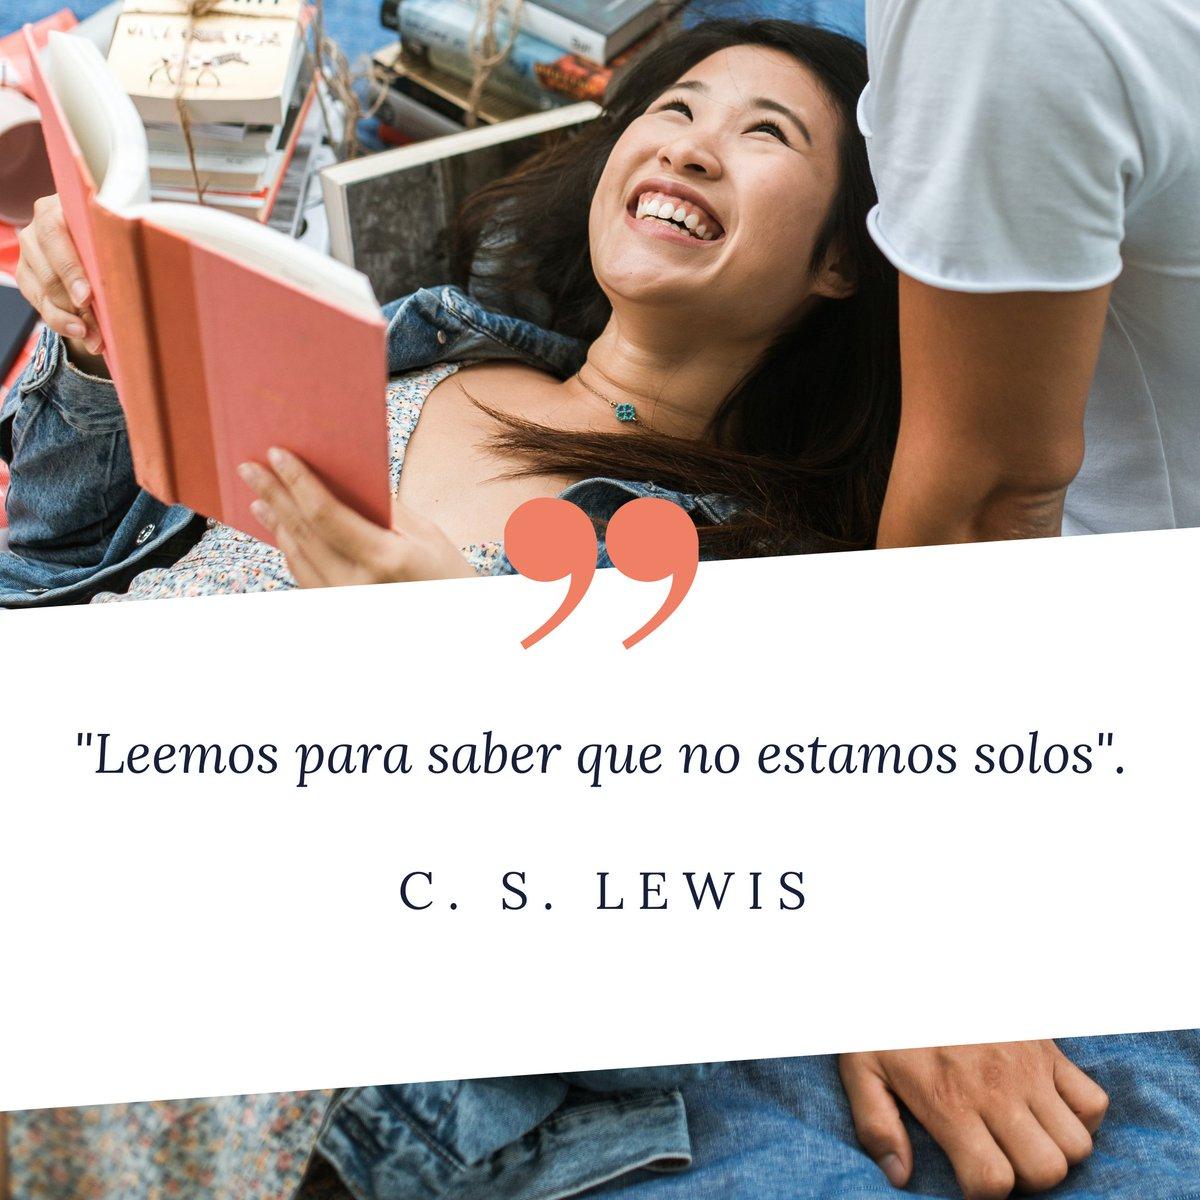 La cita de hoy viene de la mano de C. S. Lewis, el autor que dio vida al fantástico mundo de Narnia ✍️  ✨ Leemos para saber que no estamos solos ✨  Y vosotros, ¿por qué leéis? ☺️ https://t.co/4CmnE1lsOg